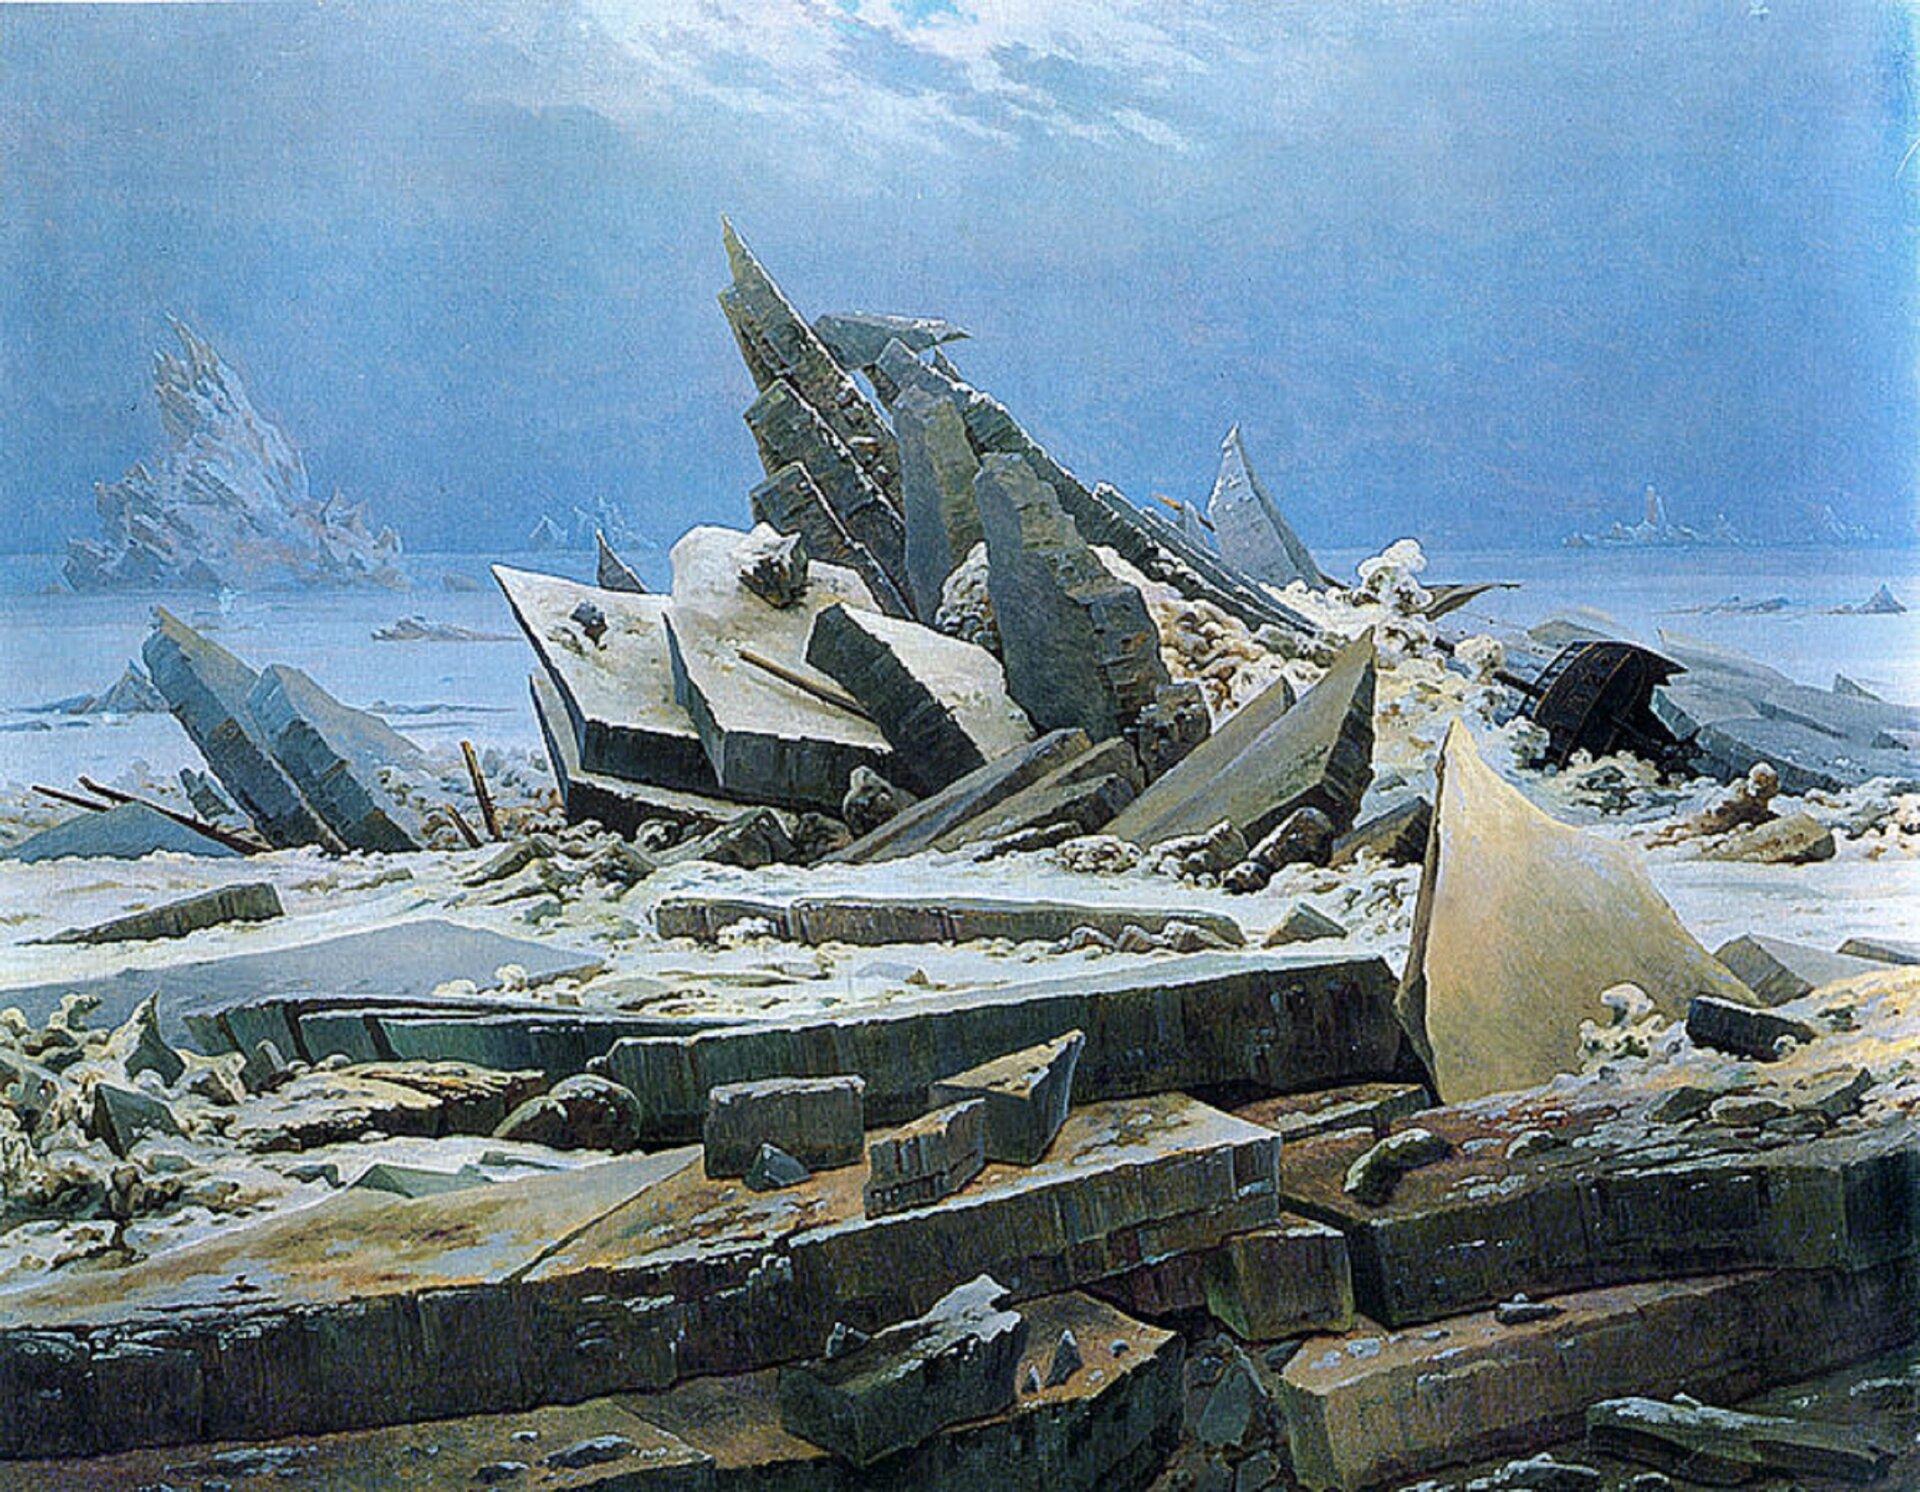 """Ilustracja okształcie poziomego prostokąta przedstawia obraz Caspara Davida Friedricha """"Morze lodu"""". Ukazuje pejzaż morski. którego tematem są połamane tafle lodu. Tworzą one konstrukcję, opartą na wielu kierunkach ispiętrzoną ku górze. Pośród nich widoczne są fragmenty wraku statku. Wtle rozciąga się błękitny widok na rozległe morze pokryte lodem igórę lodową po lewej stronie. Powyżej zhoryzontem łączy się błękitne niebo."""